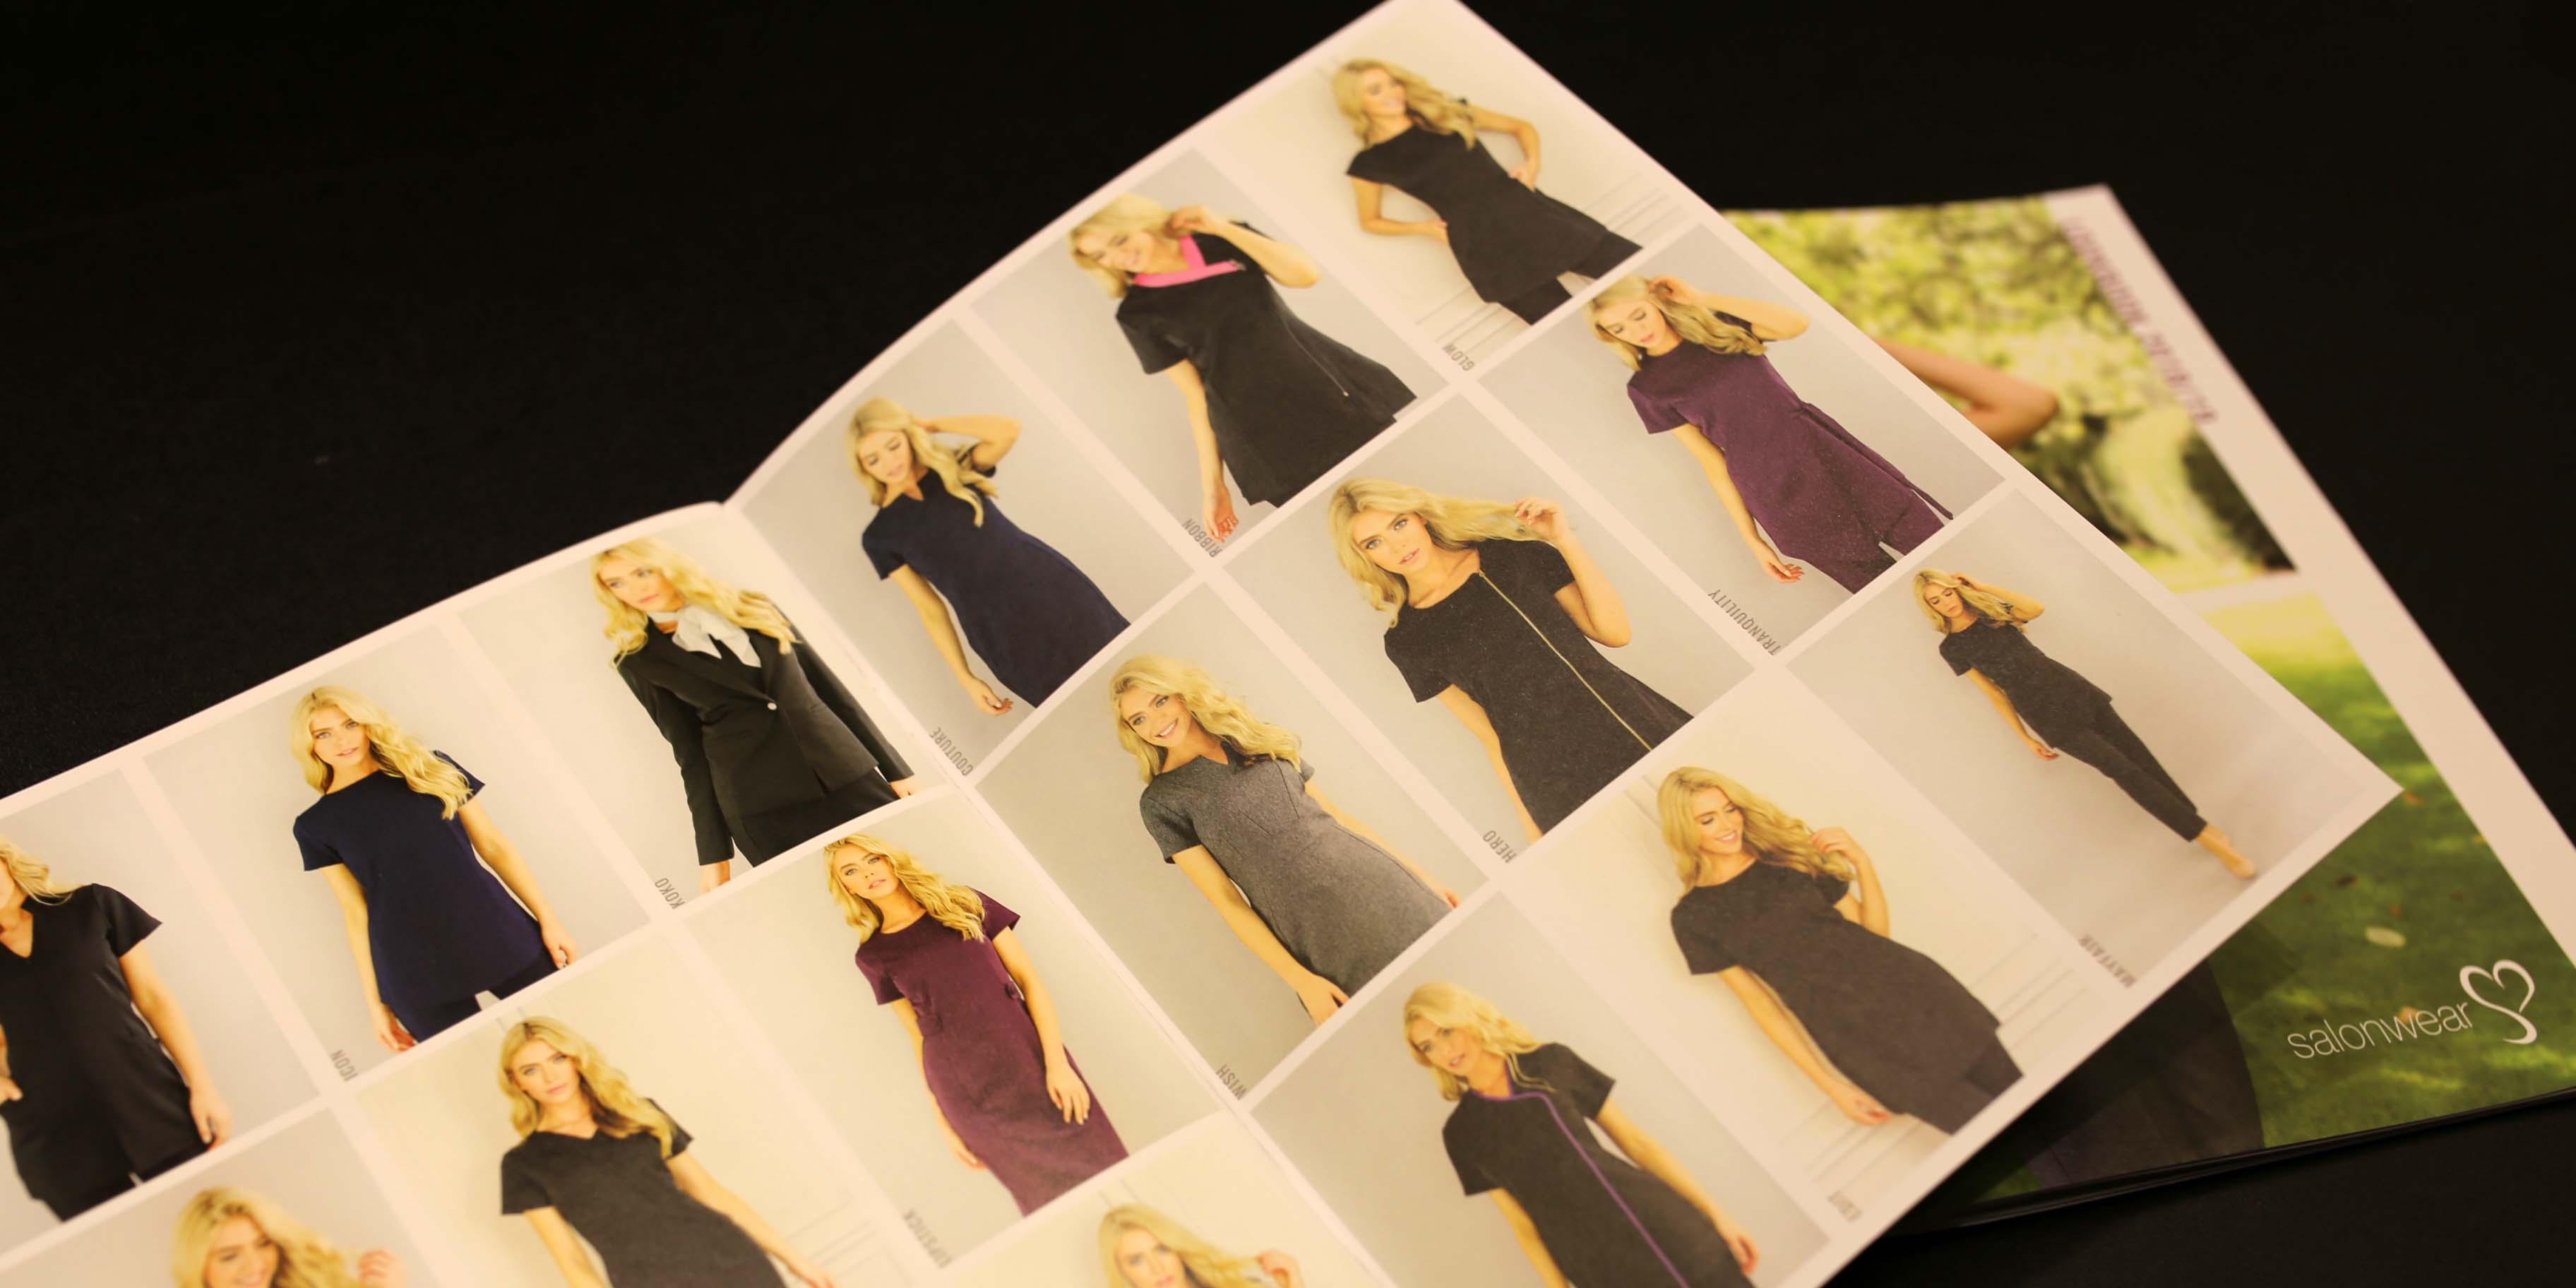 Salonwear Lookbook Inside Pages